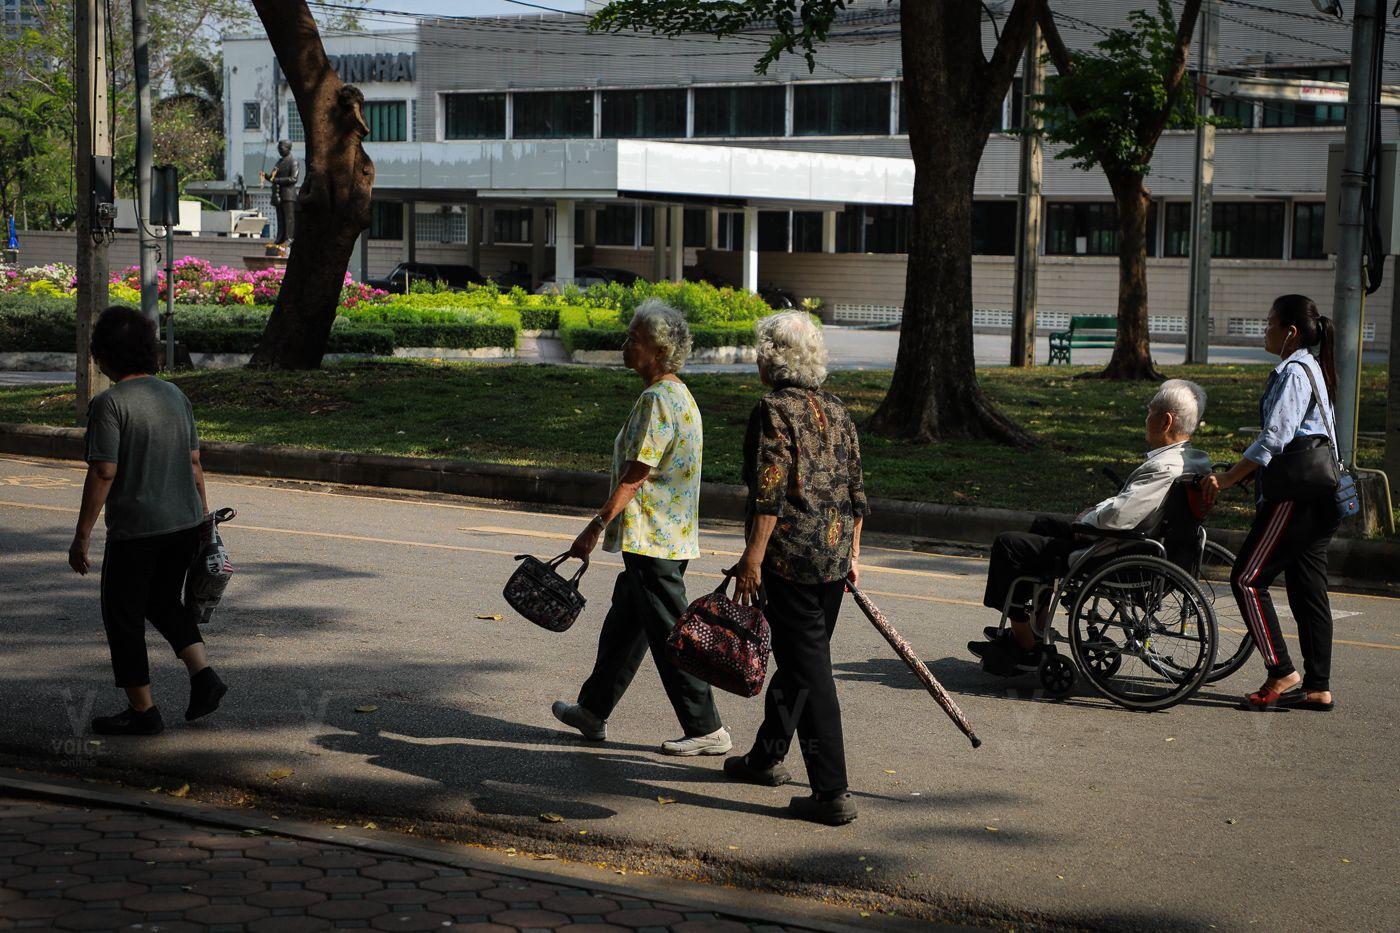 สังคมผู้สูงอายุ ผู้สูงวัย คนชรา